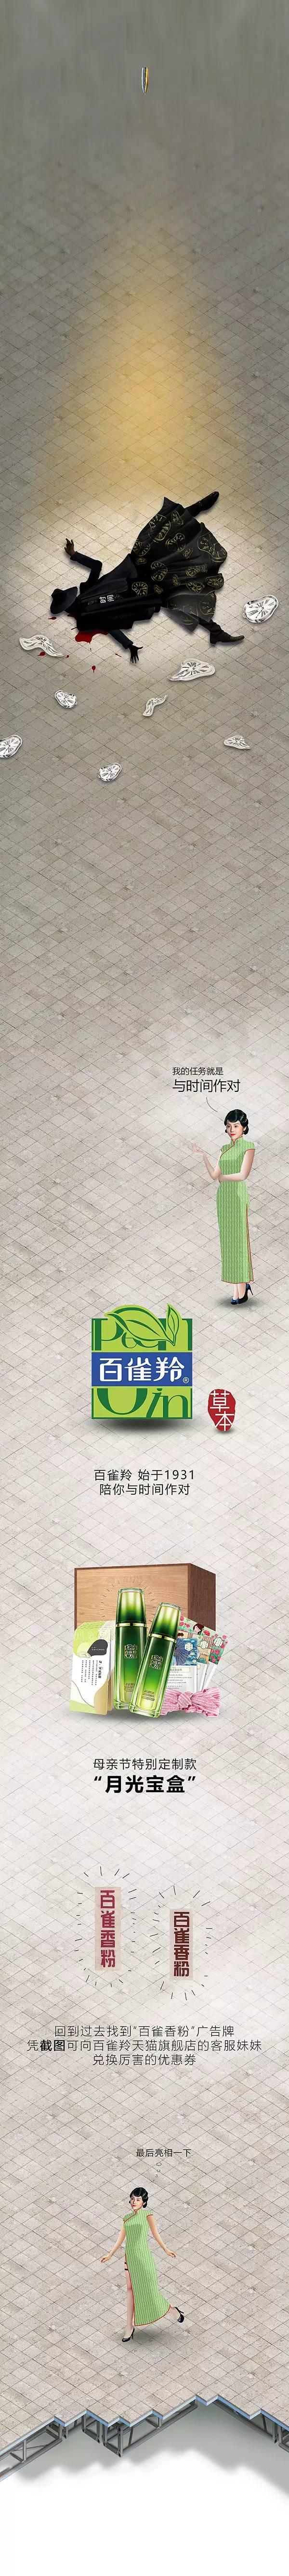 百雀羚广告14.jpg